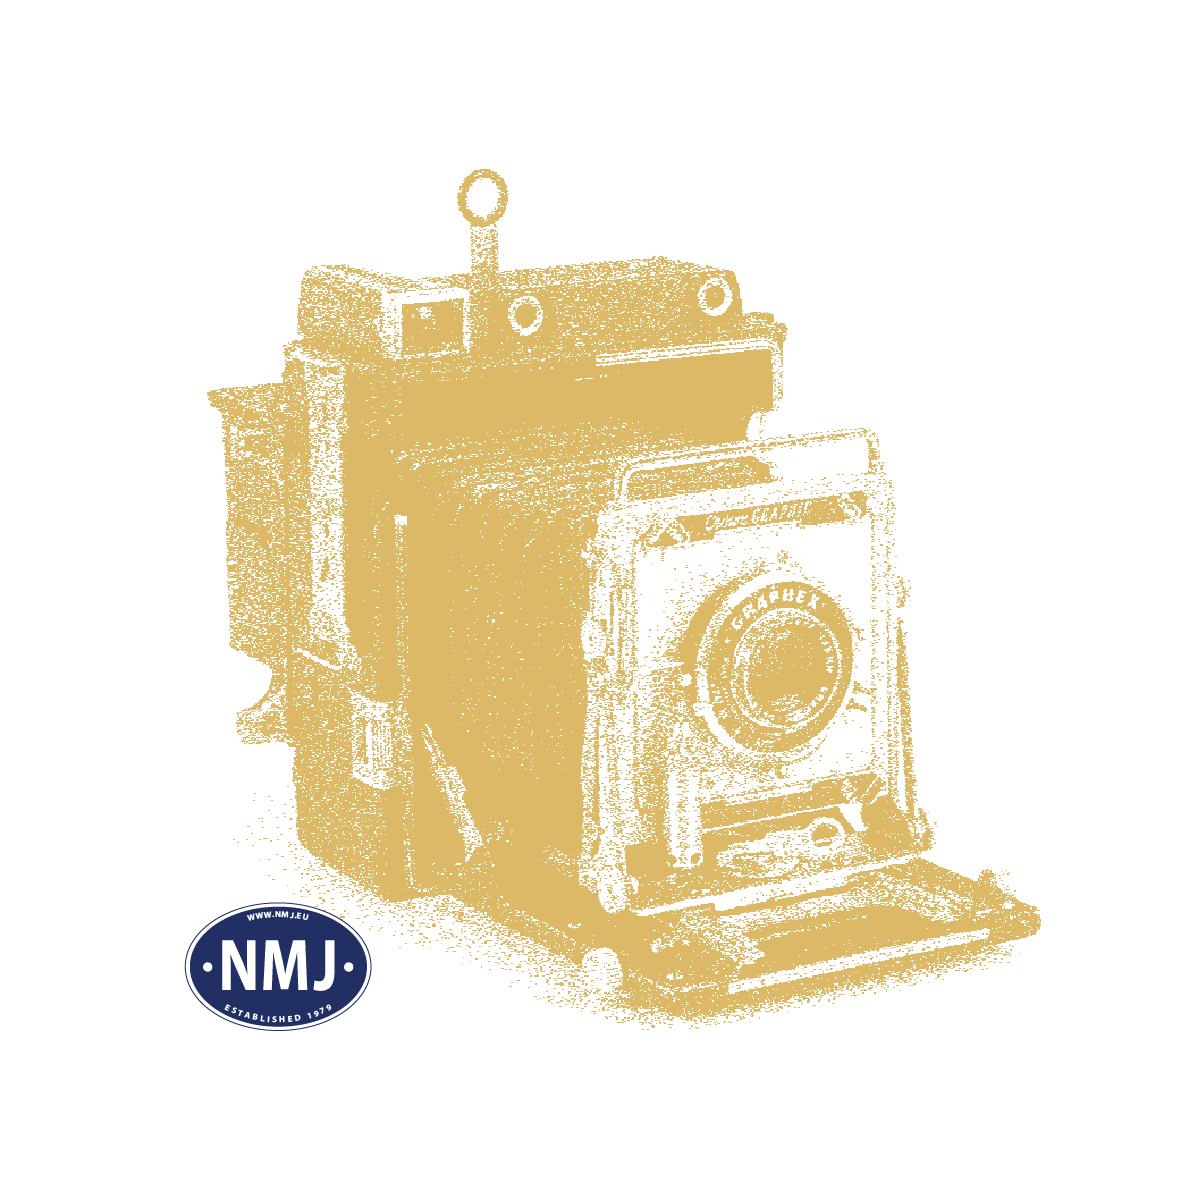 NMJT502.106 - NMJ Topline NSB Stakevogn Kbps m/ tømmerlast